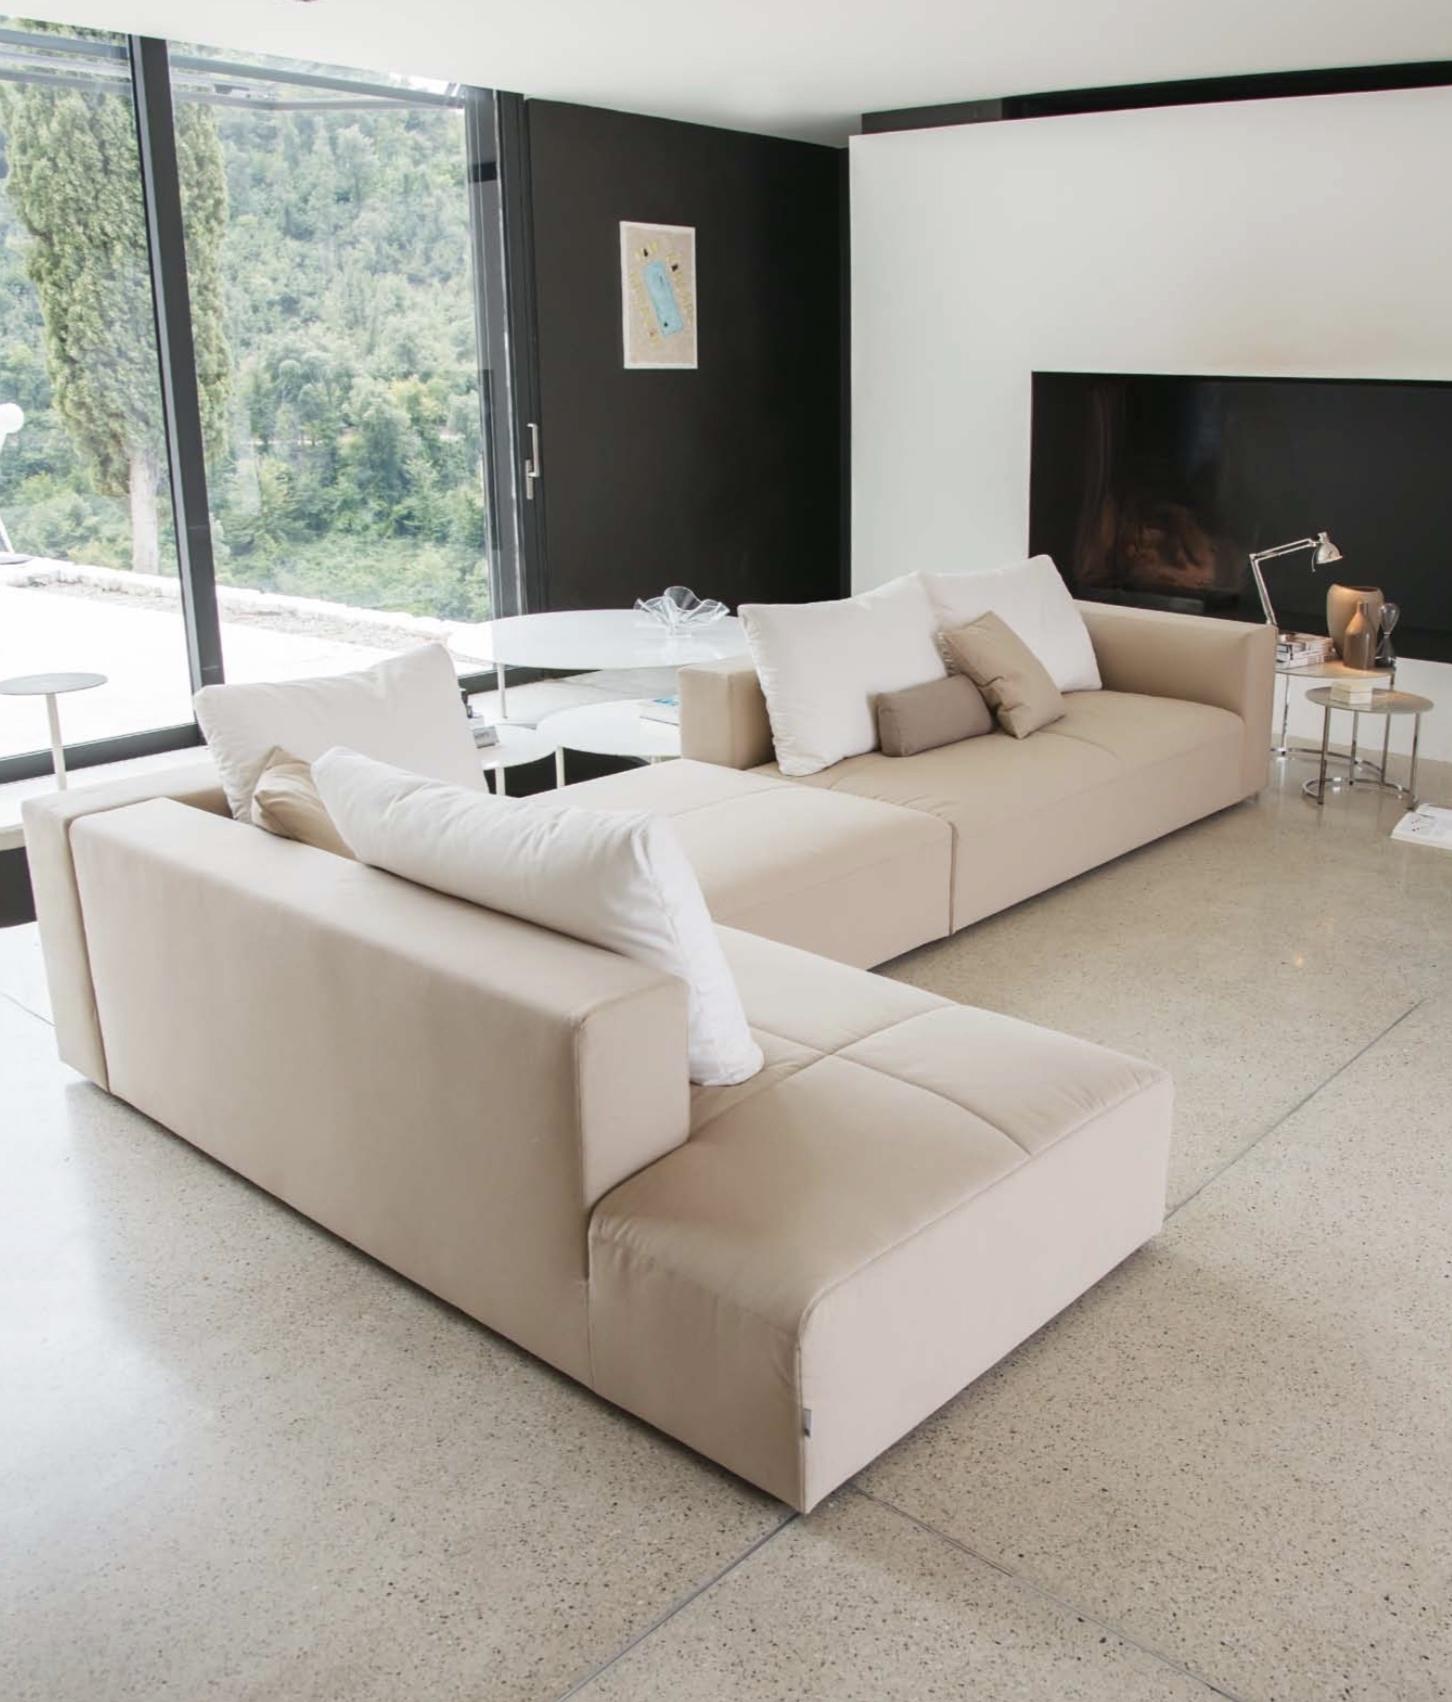 Momentoitalia Italian Modern Sofas (View 11 of 15)